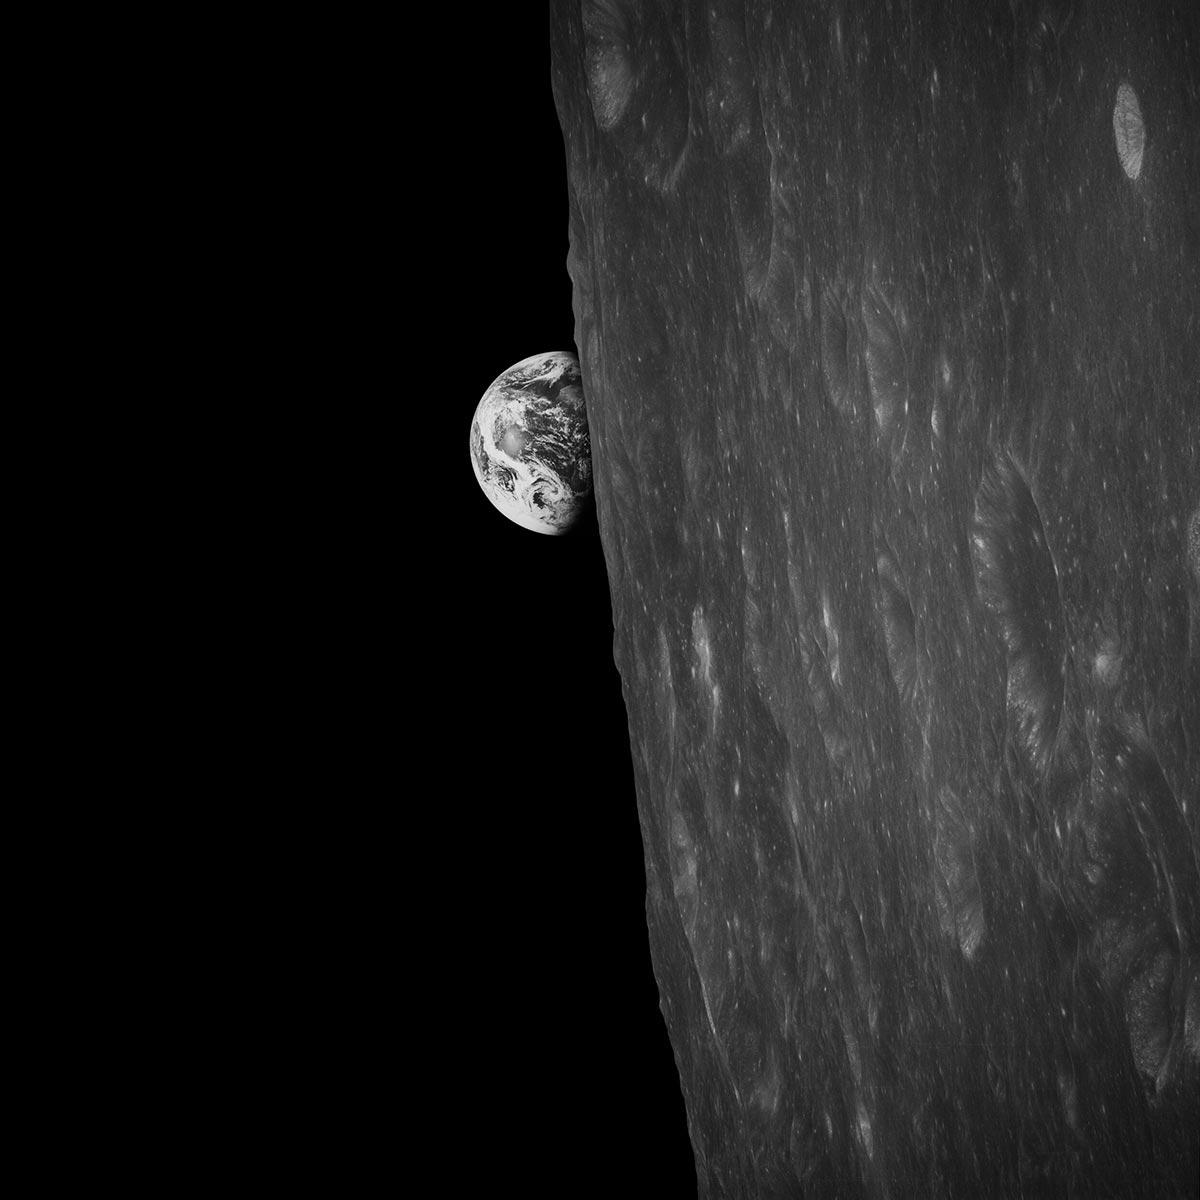 La Terra sorge sull'orizzonte lunare fotografata da Bill Anders dall'Apollo 8